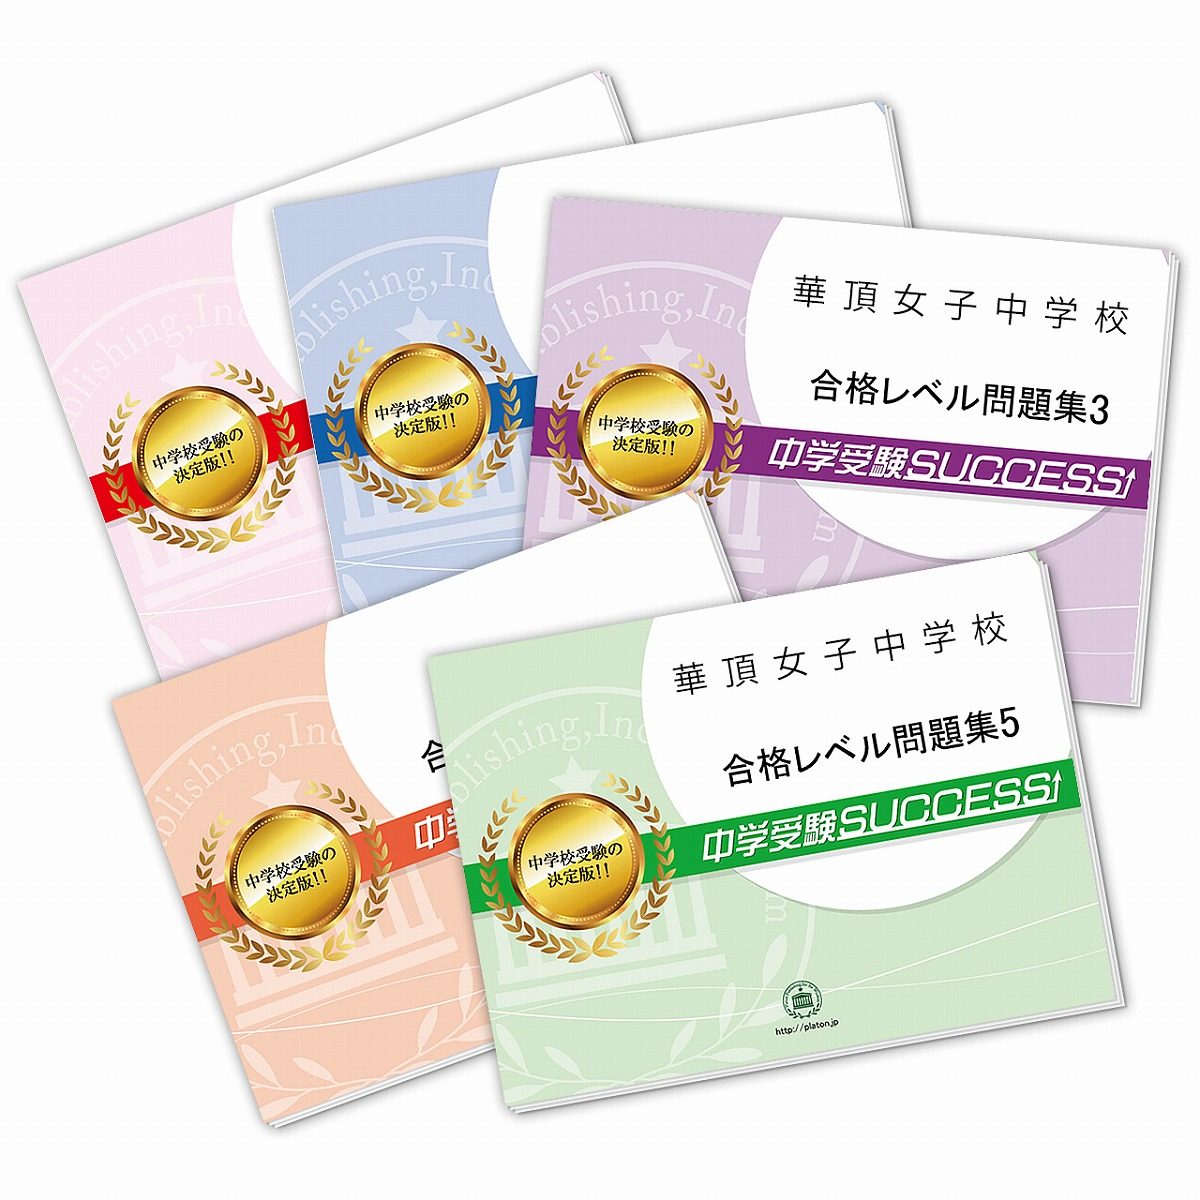 【送料・代引手数料無料】華頂女子中学校・直前対策合格セット(5冊)